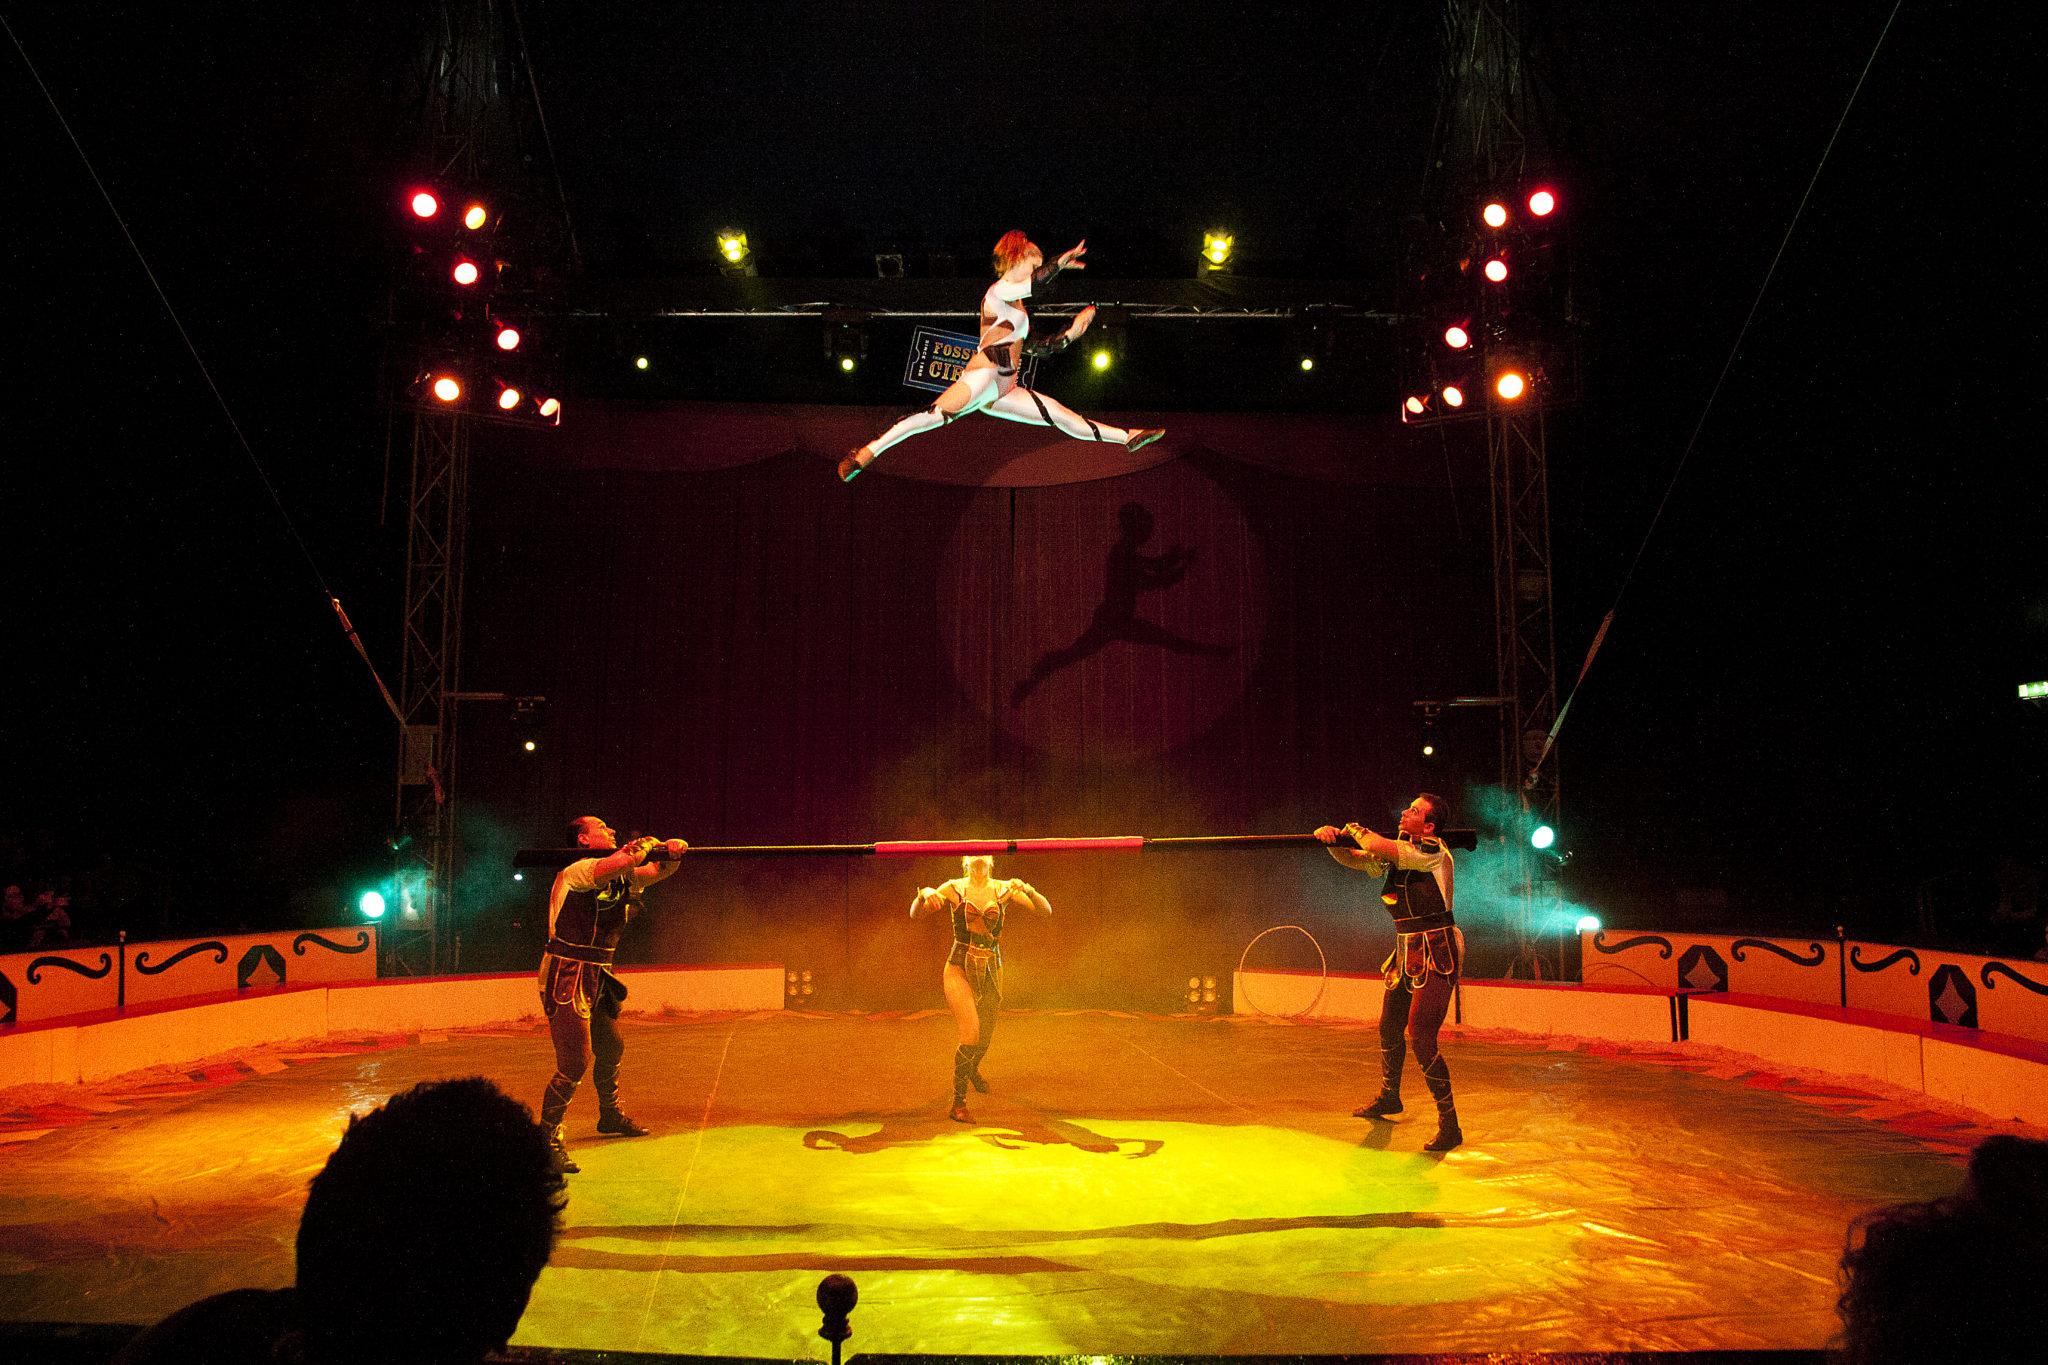 For denne utstillingen har jeg valgt å vise et bilde fra Fossett's Circus som jeg fulgte i noen uker mens jeg studerte i Dublin. Fossett's Circus er Irlands nasjonal sirkus og ble grunnlagt av Geroge Lowe i 1870. Sirkuslivet har alltid fascinert meg. Eksotiske dyr og mennesker, høytflyvende stunts og litt skumle klovner er ganske spennende. Sirkusets historie er også veldig interessant, det var en arena for folk som så litt annerledes ut eller kunne noe som ingen andre. Dette var underholdning av største grad for 100 år siden. Nå er sirkuslivet forandret, og noen vil kalle det mer en business, men jeg ser fortsatt spenningen og magien som finnes i manesjen.